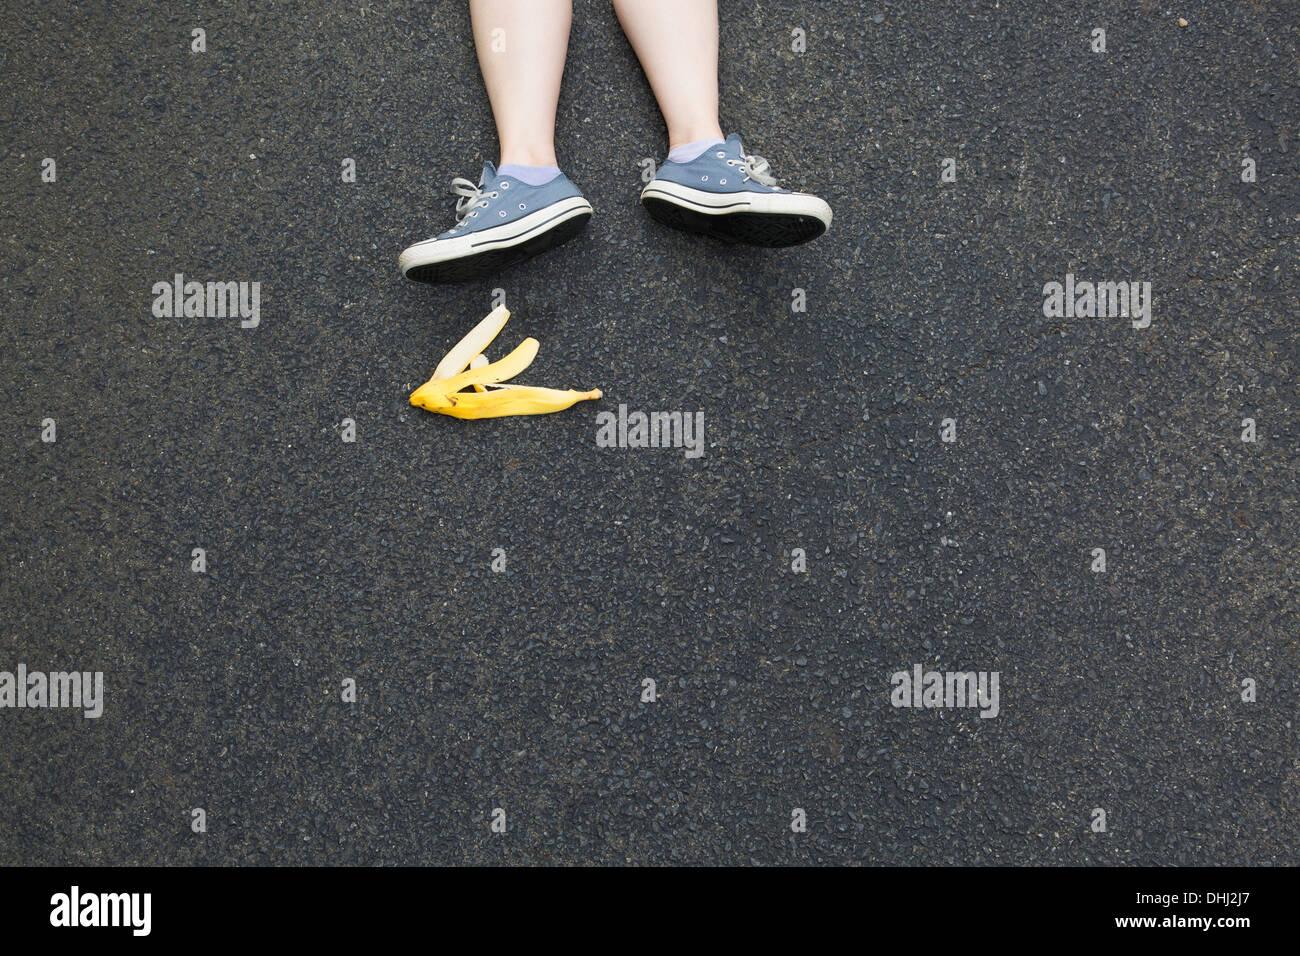 Paire de jambes et peau de banane sur le macadam Photo Stock